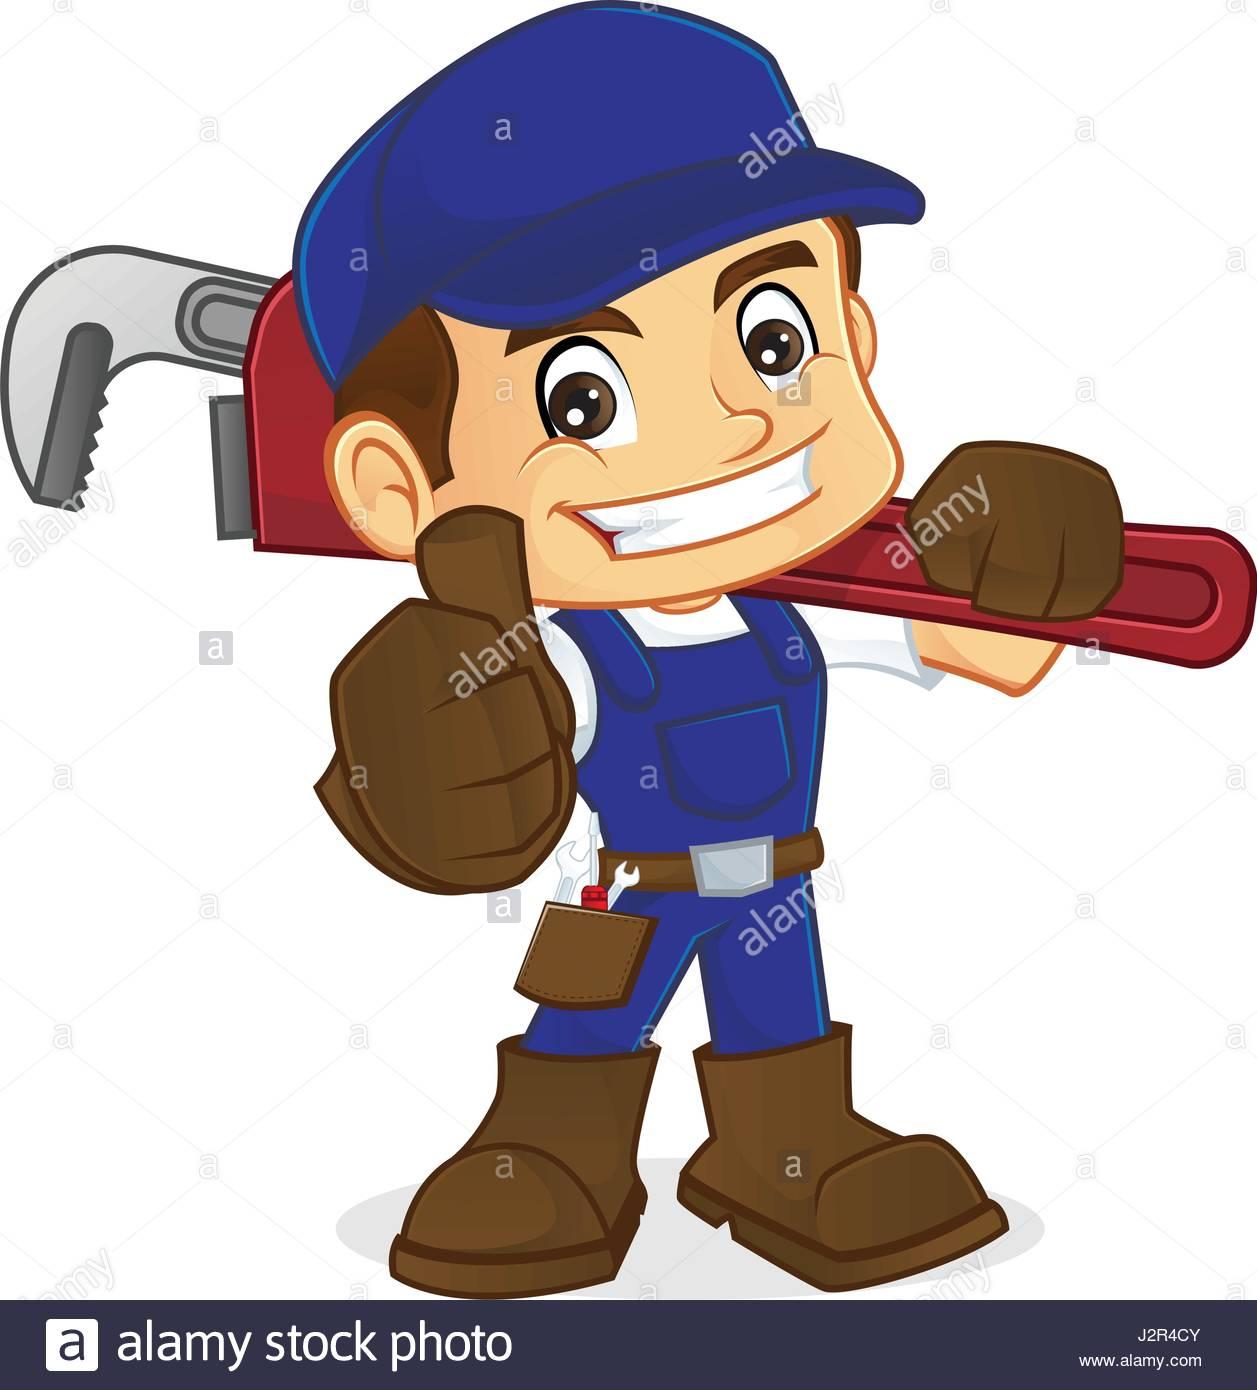 carpenter vector vectors stock photos u0026 carpenter vector vectors